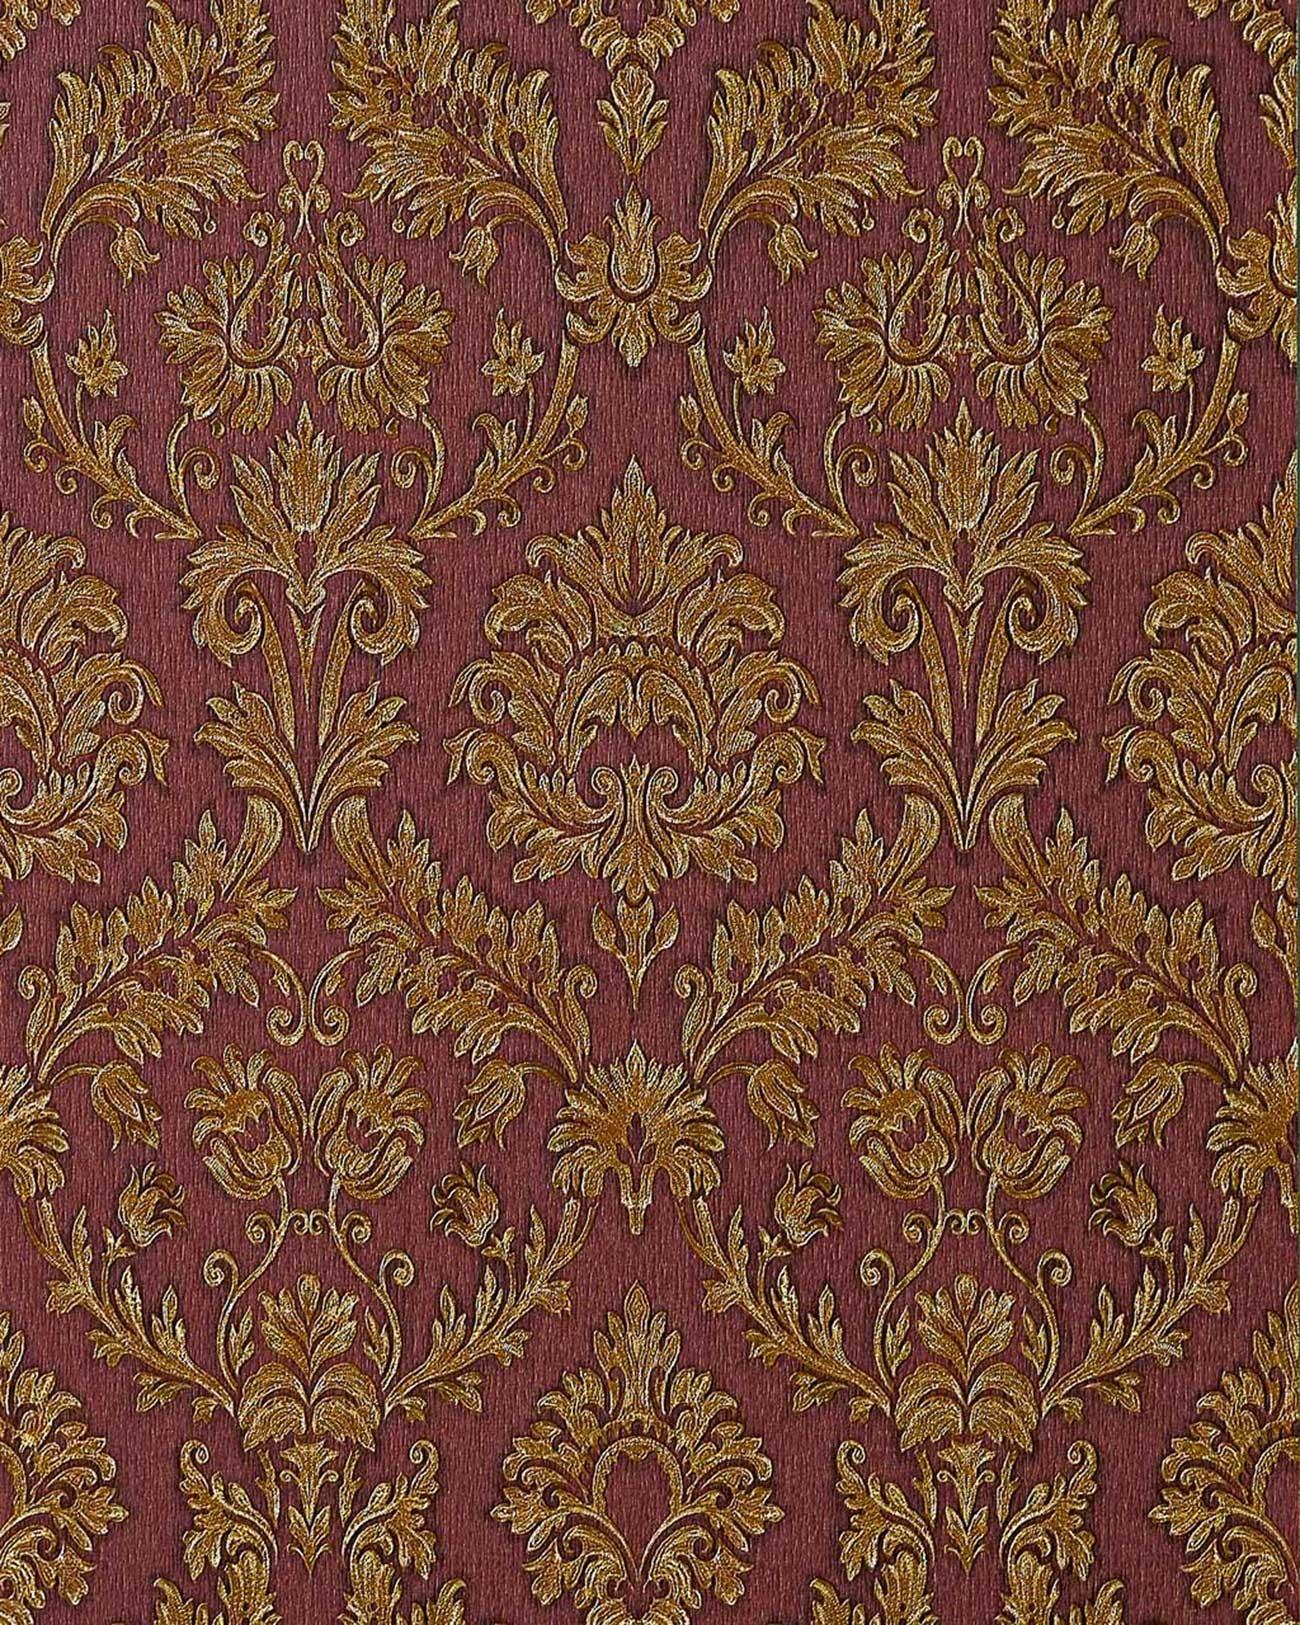 Papel pintado barroco damasco gofrado edem 708 36 de alta - Papel pintado barroco ...